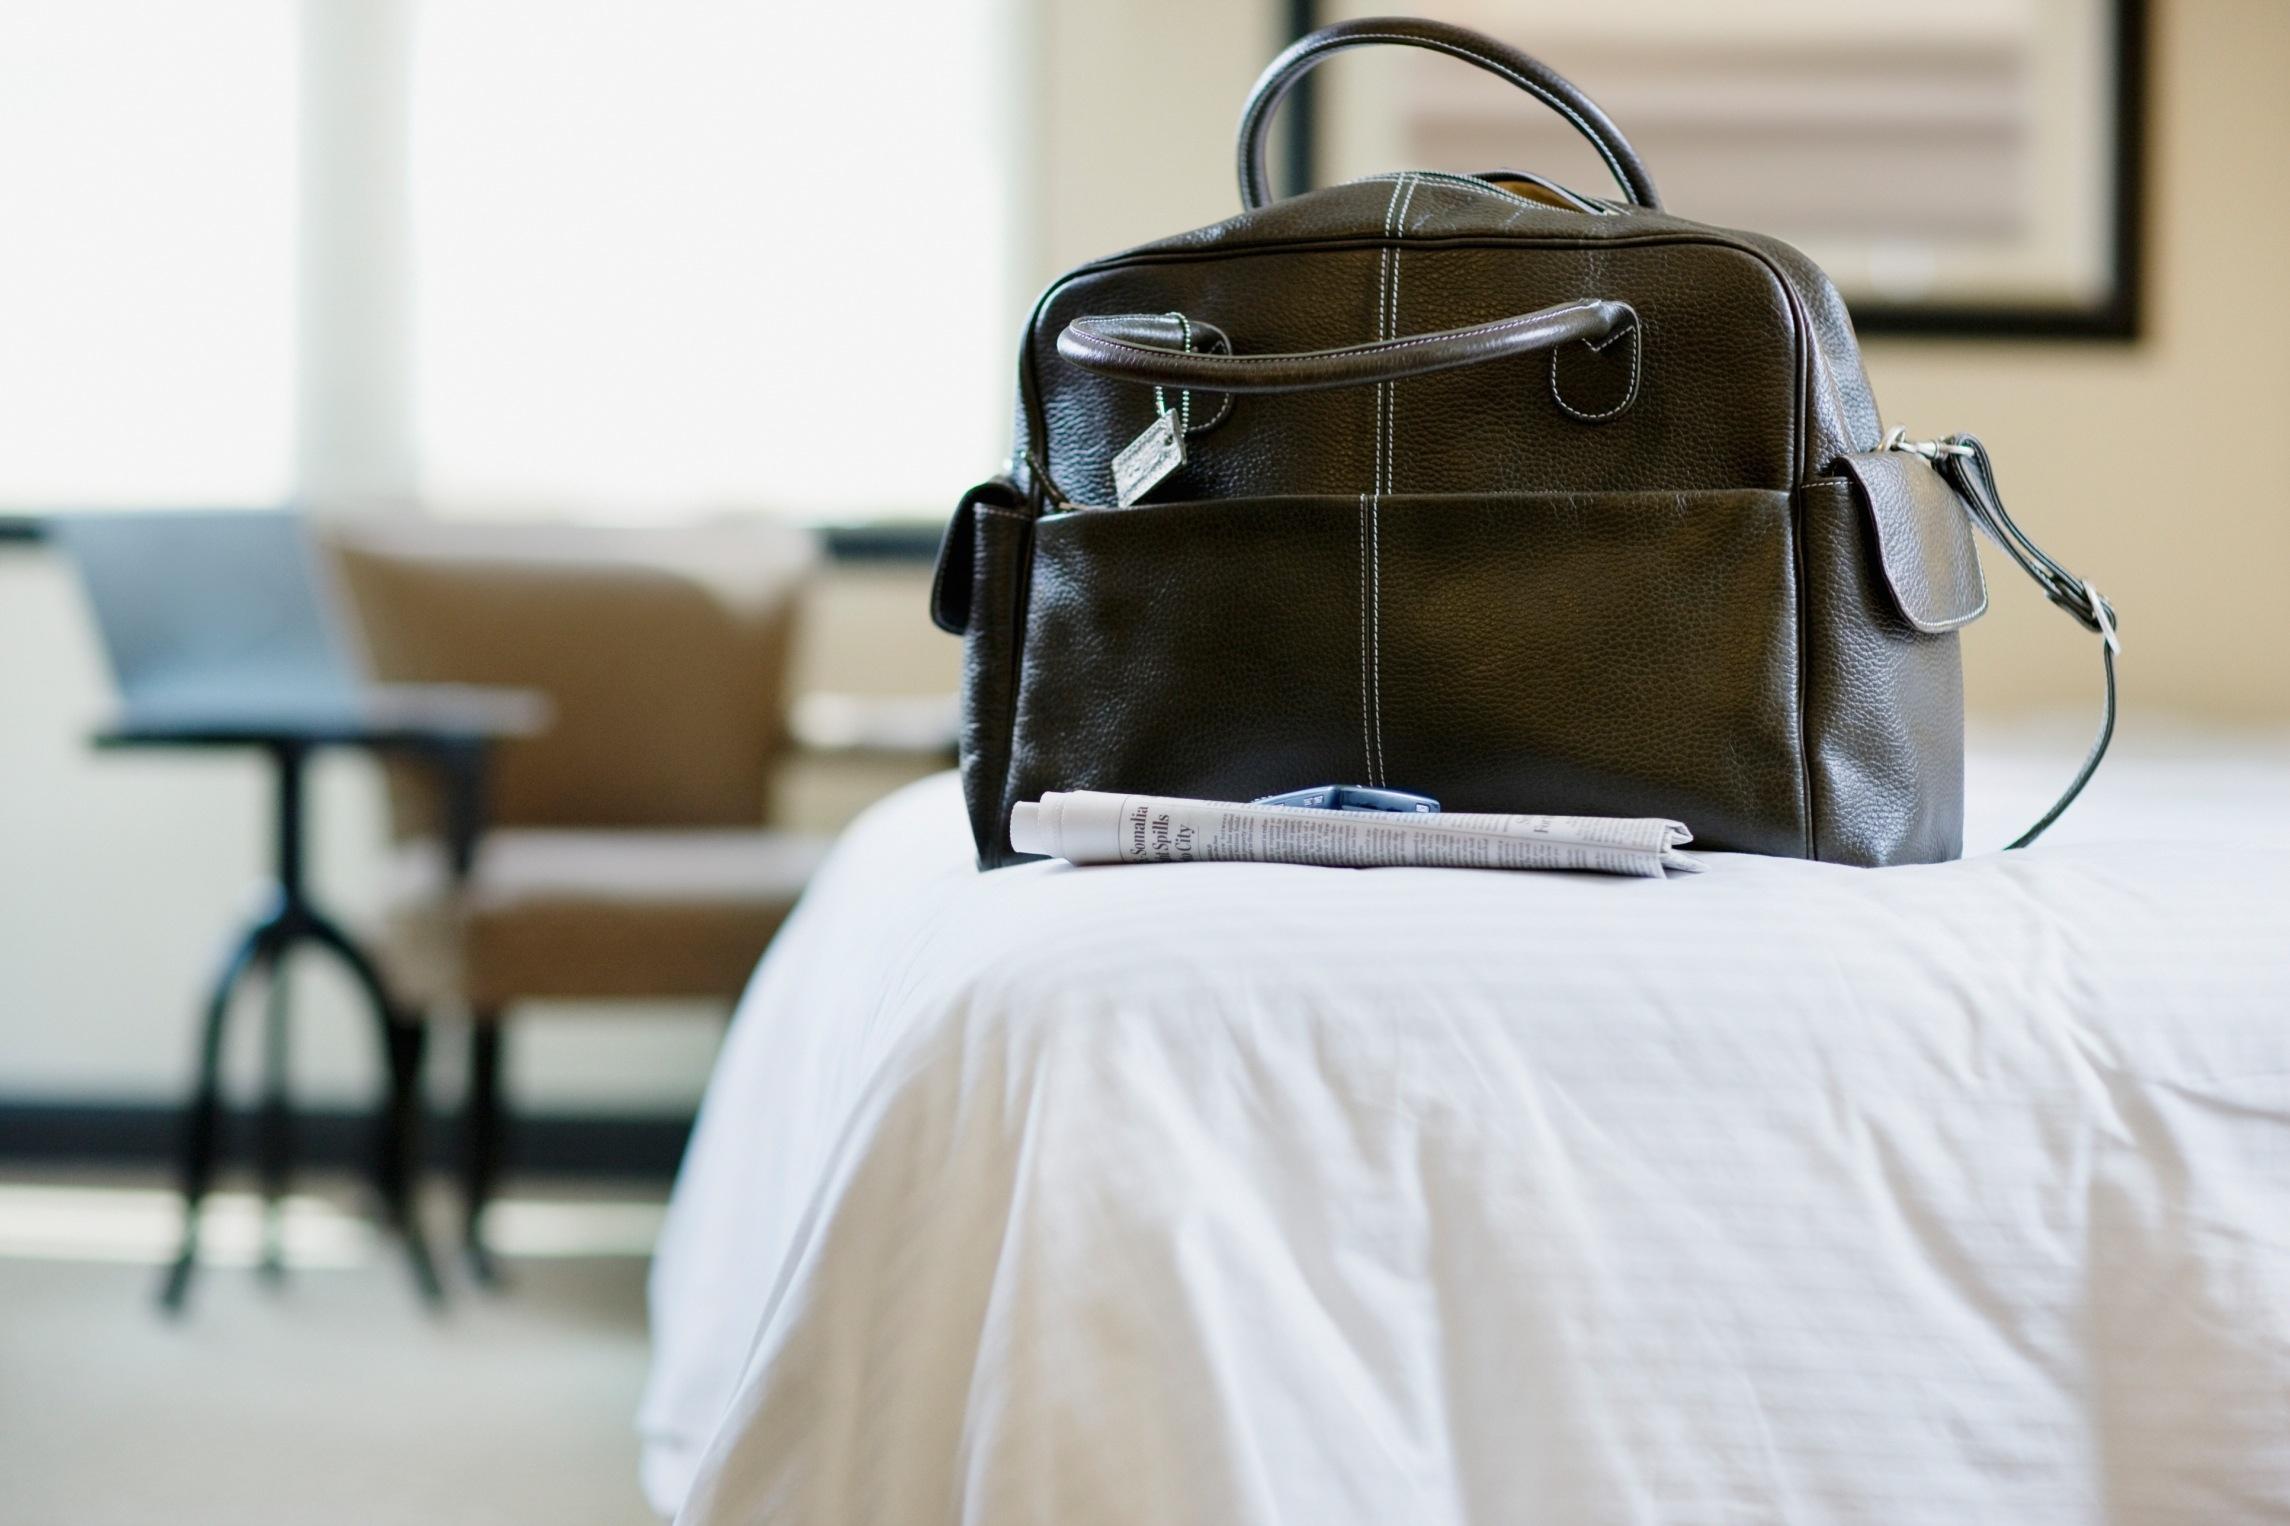 diebstahl im urlaub wof r die hausratversicherung aufkommt presseportal. Black Bedroom Furniture Sets. Home Design Ideas